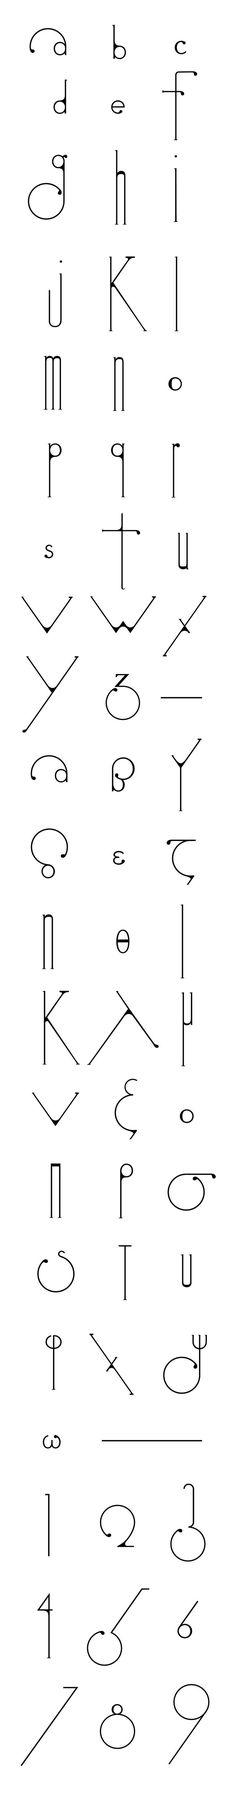 Futuracha é uma fonte ornamental criada pelo designer grego Odysseas Galinos – Paparounis (ou simplesmente Odysseas GP). Baseada na estrutura da fonte Futura (daí o nome), a tipografia não fo…